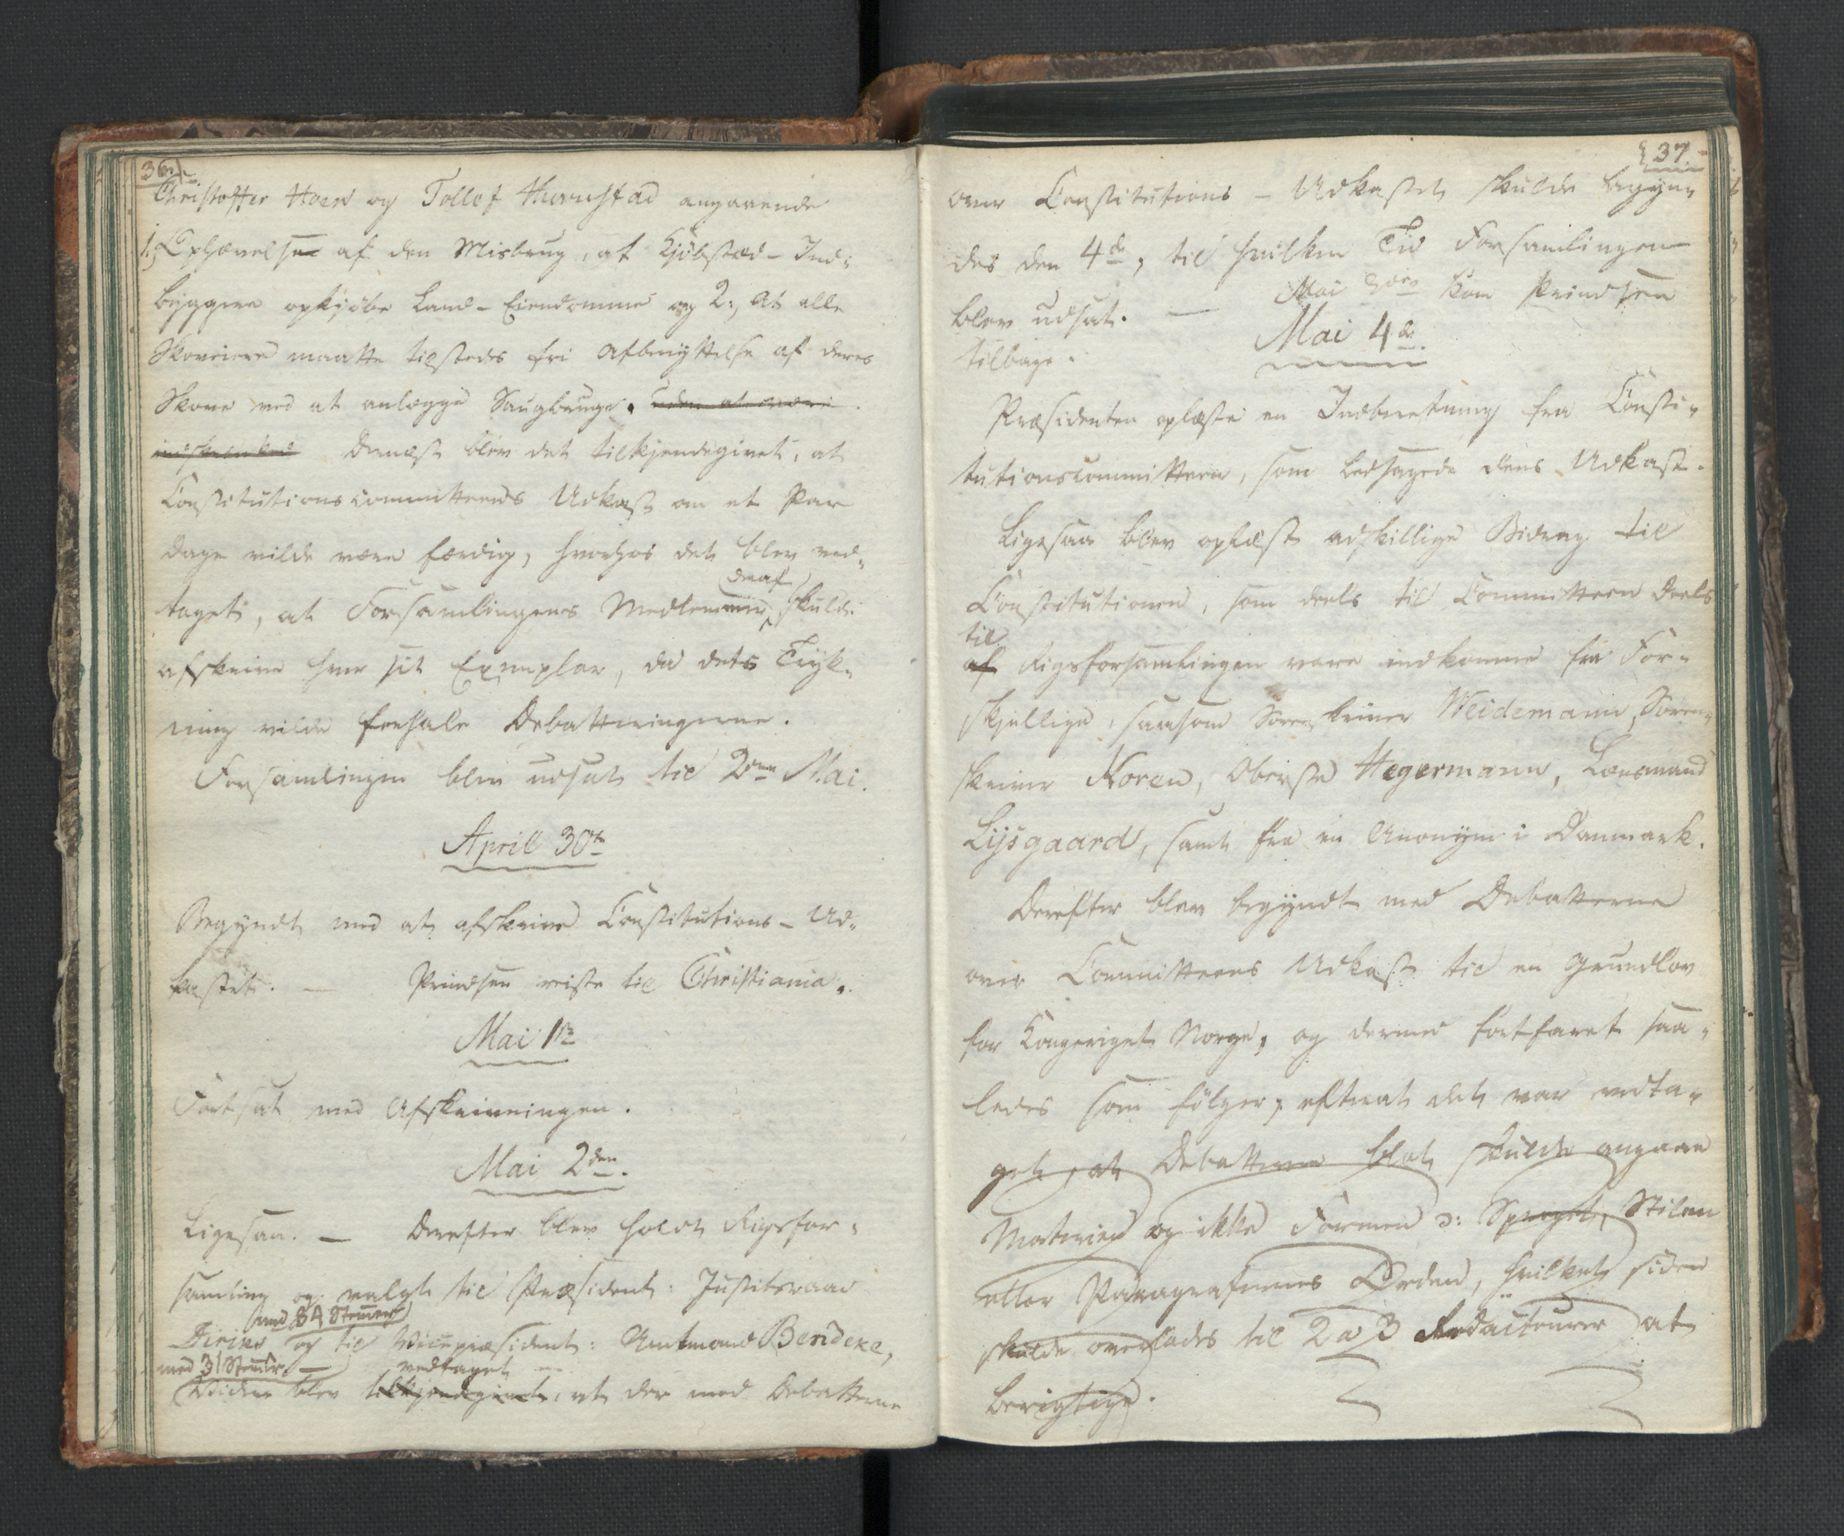 RA, Manuskriptsamlingen, H/L0021: Byfogd Gregers Winther Wulfbergs dagbok under Riksforsamlingen på Eidsvoll, 1814, s. 36-37